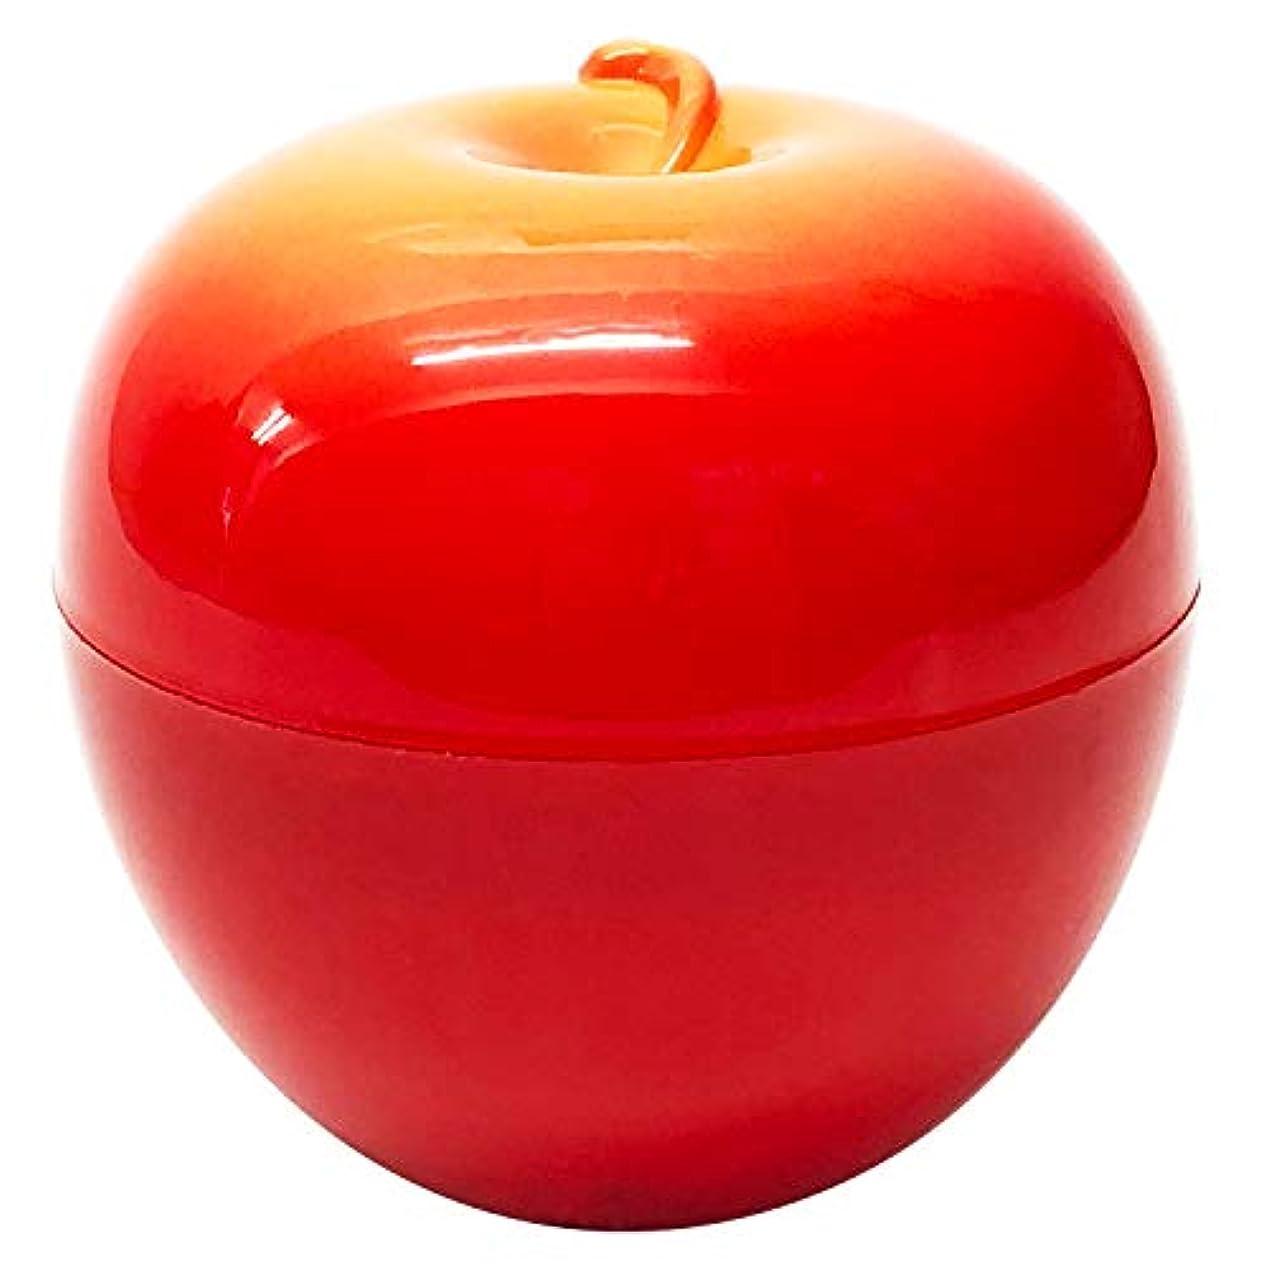 構想するヨーグルトどきどきTokyoFruits(トウキョウフルーツ) 東京フルーツハンドクリーム&ltリンゴ> セット 30g×2個